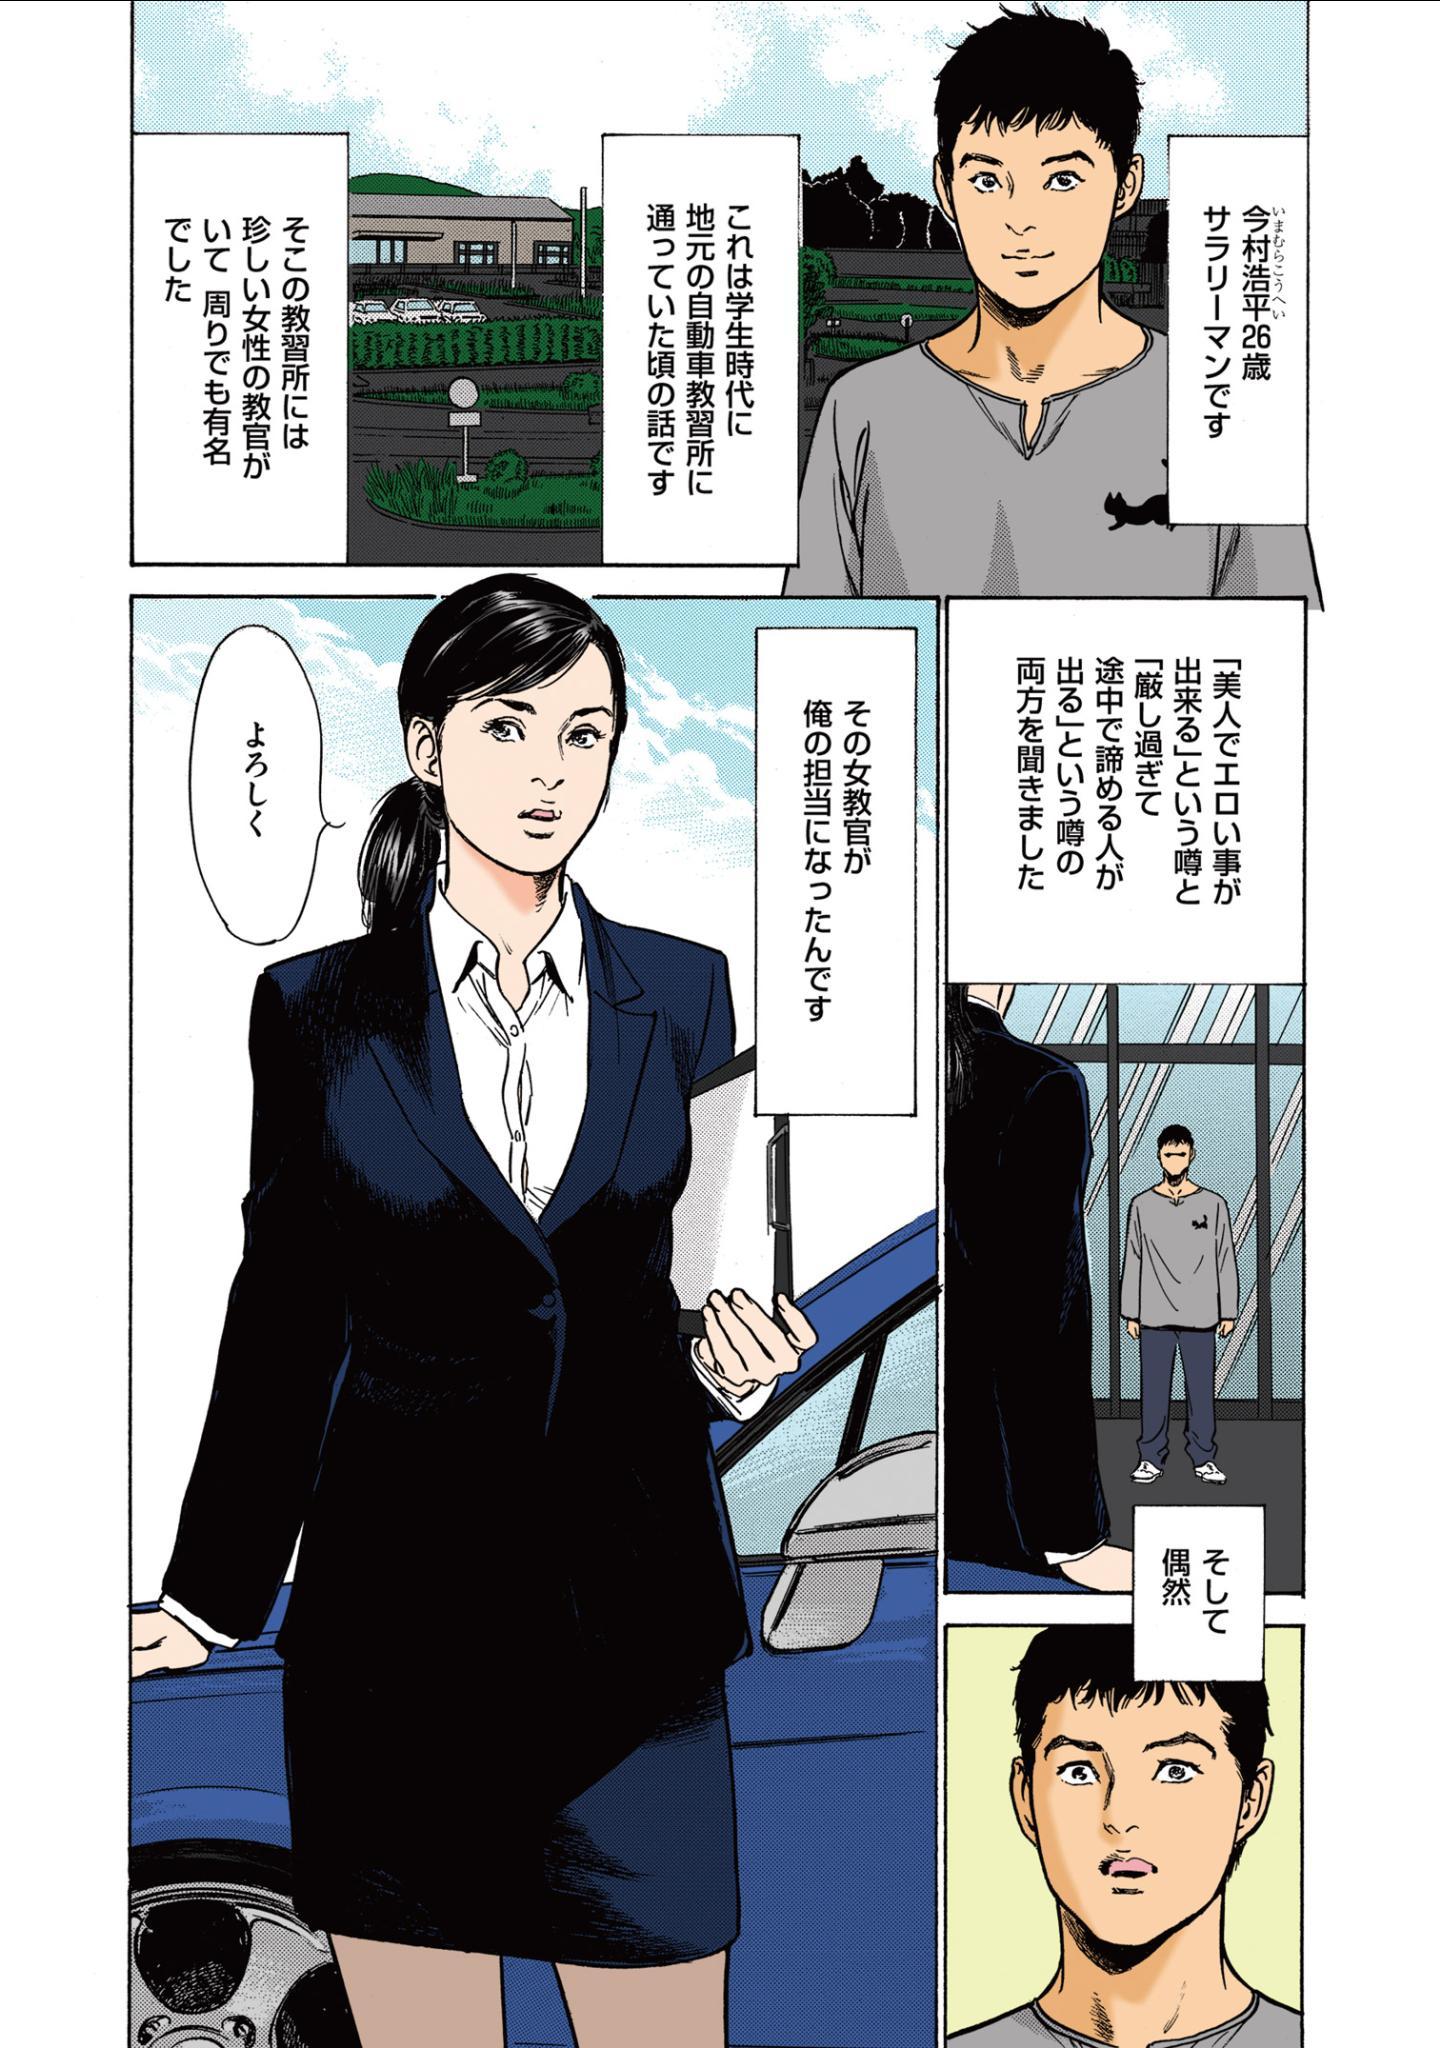 [Hazuki Kaoru] Hazuki Kaoru no Tamaranai Hanashi (Full Color Version) 1-2 5